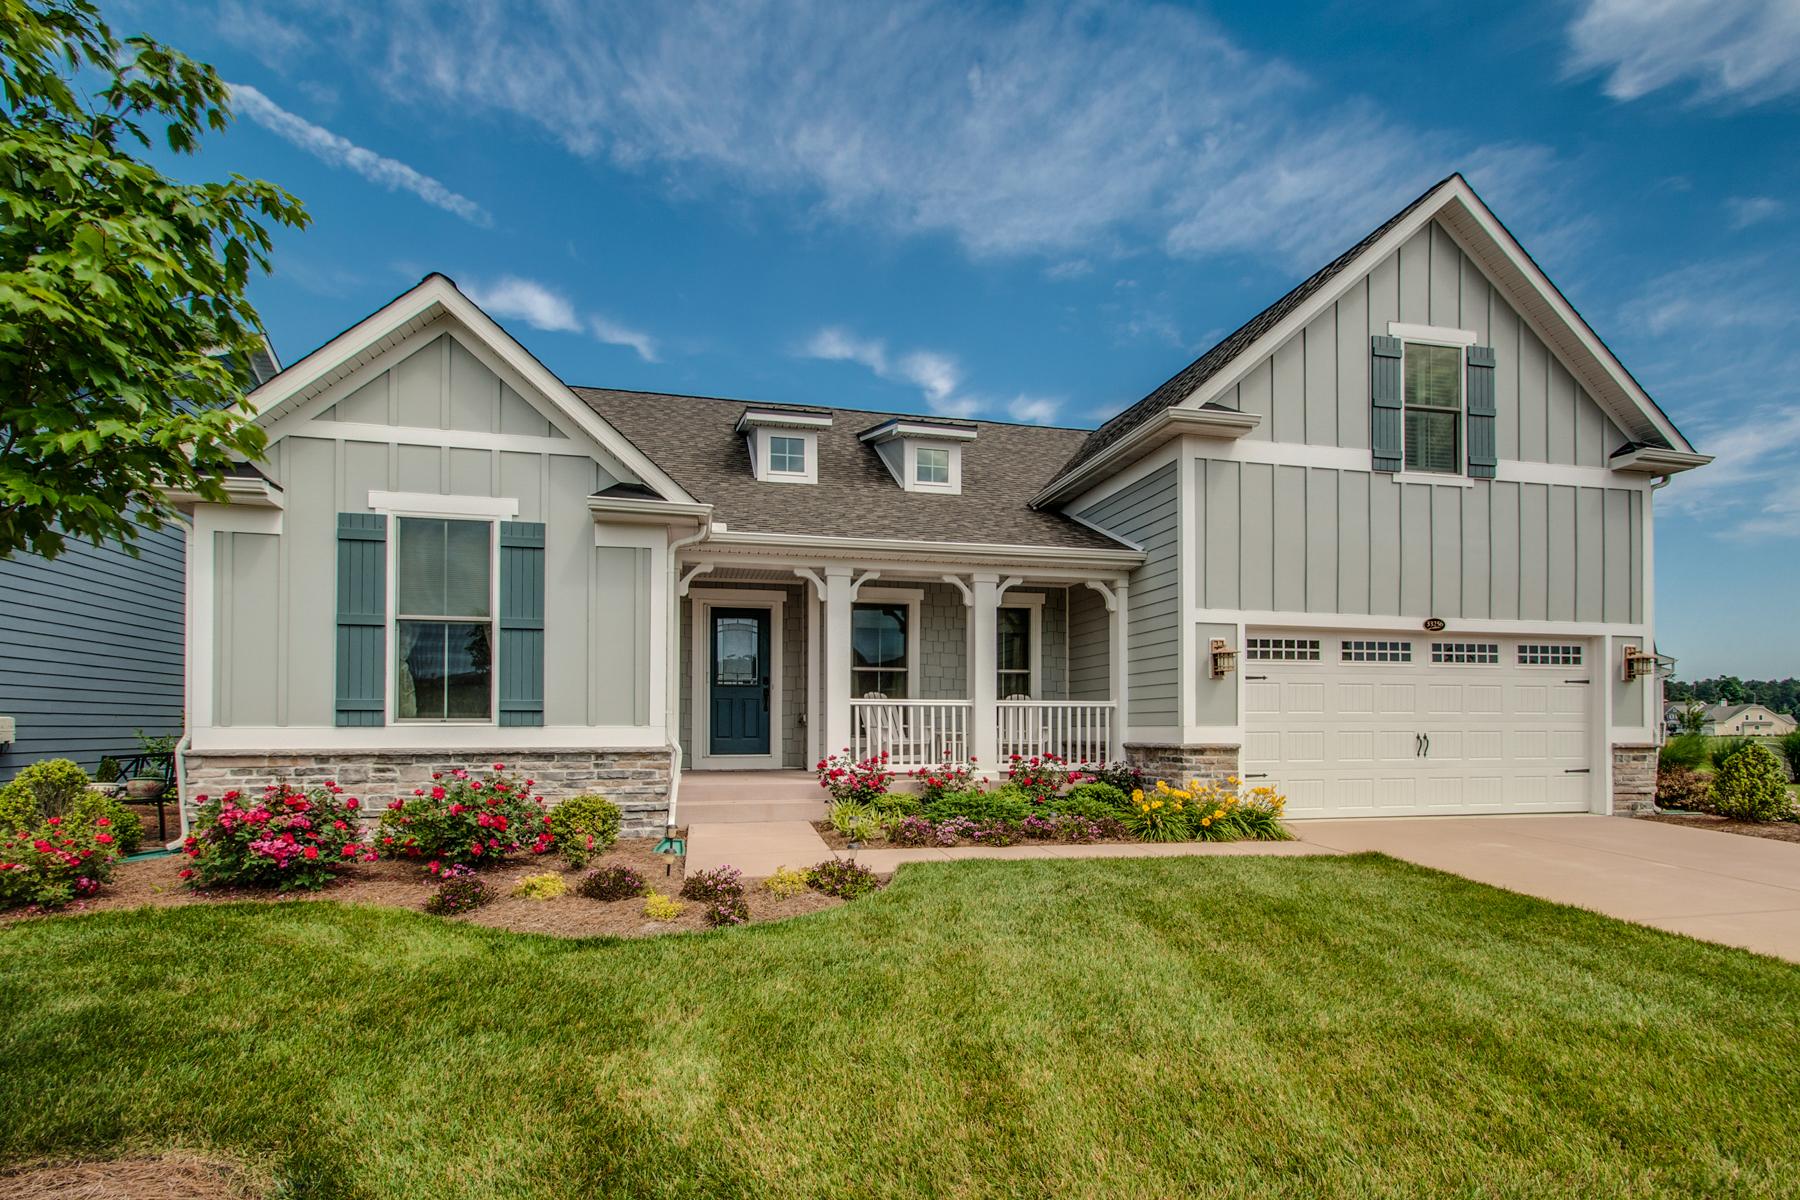 Nhà ở một gia đình vì Bán tại 33256 Wading Duck Drive , Millsboro, DE 19966 33256 Wading Duck Drive Millsboro, Delaware, 19966 Hoa Kỳ